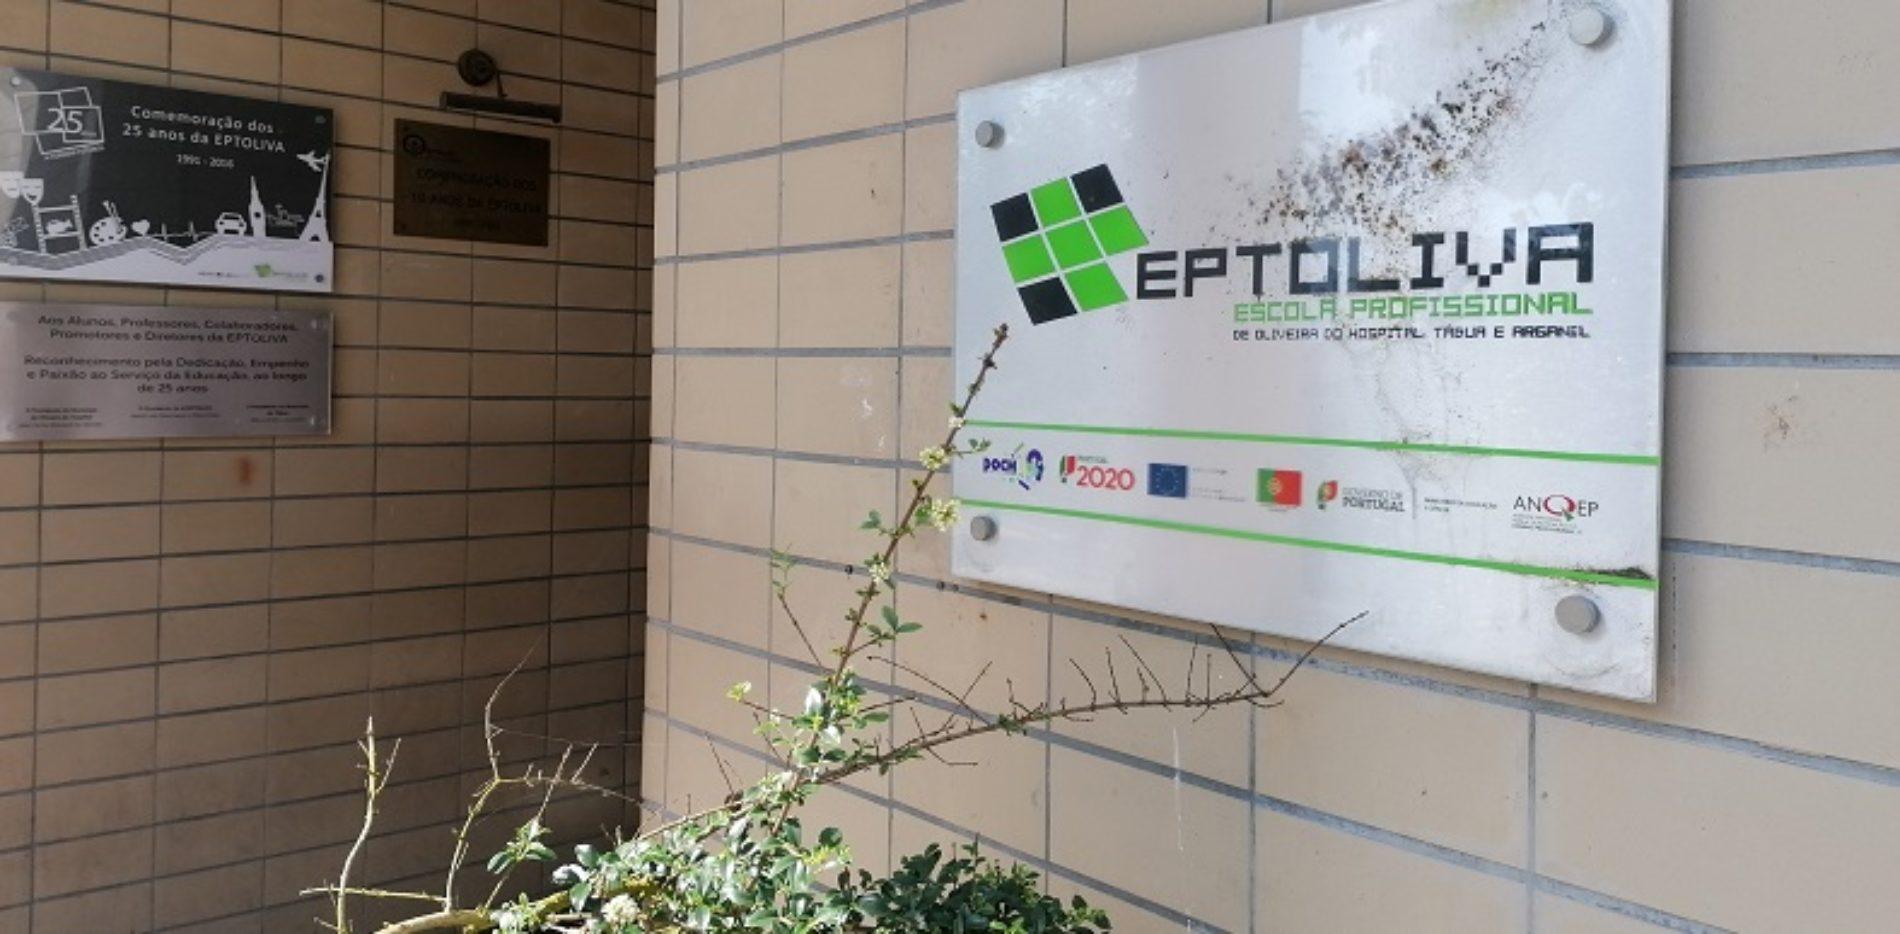 """Eptoliva promove webinar """"Juntos pelo Turismo a Caminhar pelo Futuro"""""""